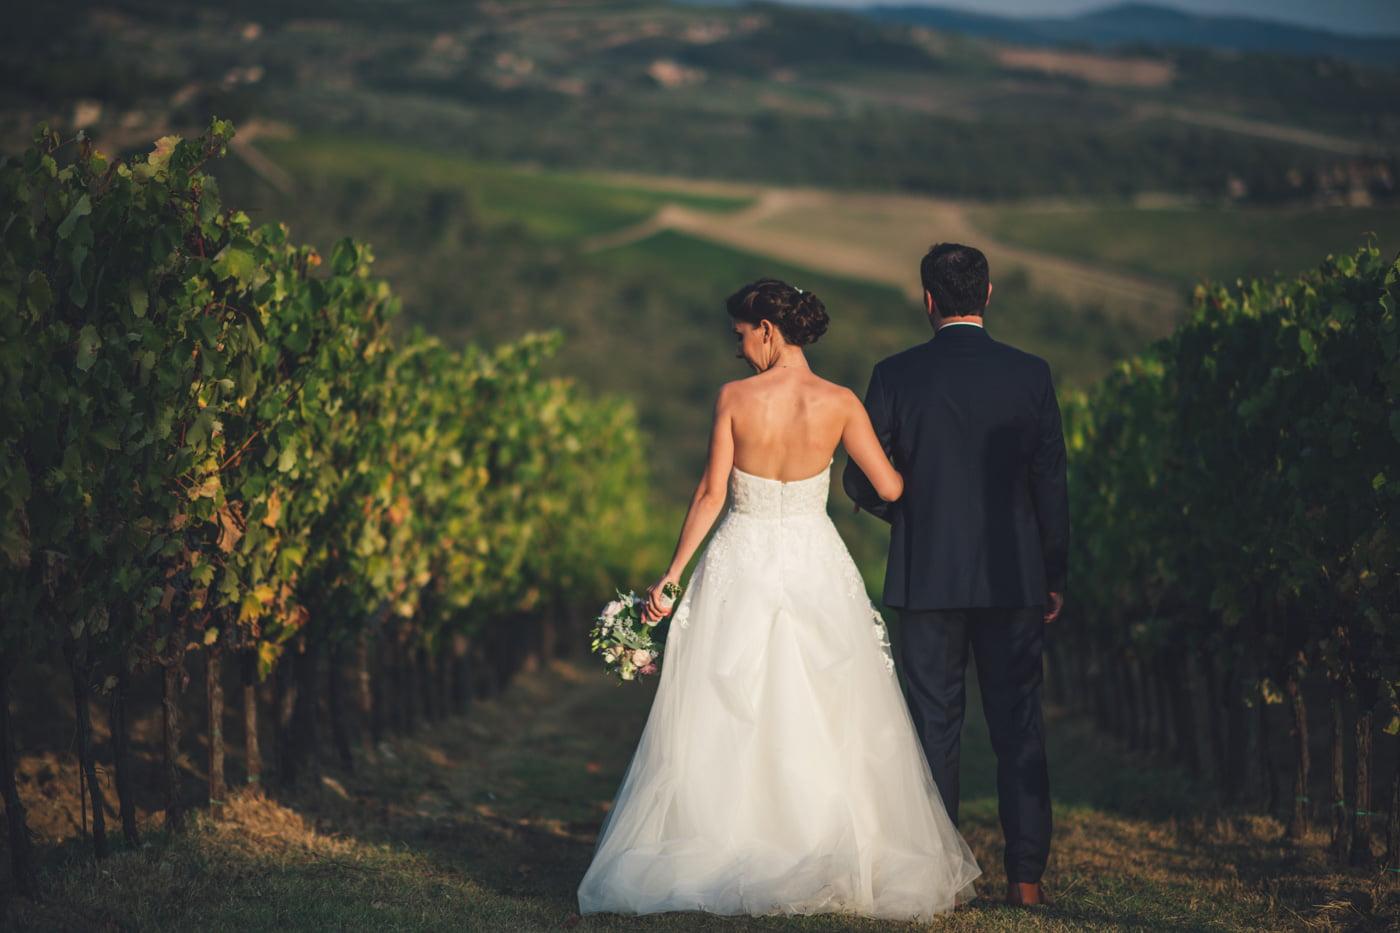 045-wedding-tuscany-rignana